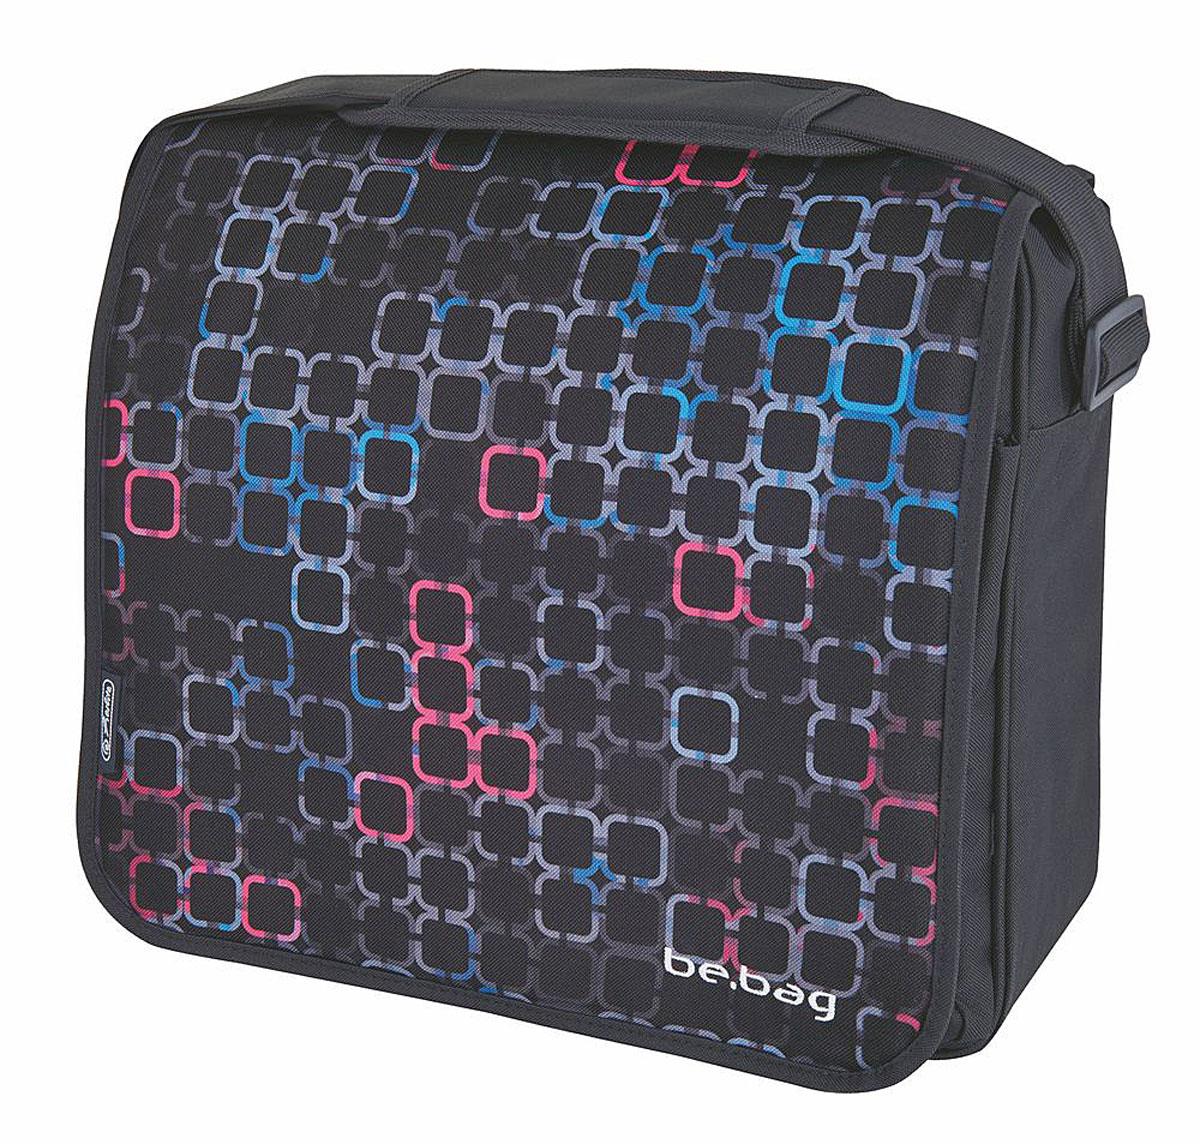 Herlitz Сумка школьная Be Bag Squares11005/A/2GШкольная сумка Herlitz Be Bag. Squares выполнена из прочного полиэстера черного цвета. Практичная наплечная сумка содержит одно основное отделение, которое закрывается на молнию и клапан с липучкой. Вместительное отделение содержит мягкий накладной карман с хлястиком на липучке и два открытых накладных кармана-сетки. Под клапаном расположился большой карман на застежке-молнии. Внутри ремешок с пластиковым карабином для ключей и дополнительные кармашки: врезной на молнии, открытый карман, карман-сетка, 2 кармана для письменных принадлежностей.Задняя сторона сумки дополнена врезным карманом на молнии. Сумка имеет одну широкую лямку с мягким передвижным элементом для комфортной переноски на плече. Плечевой ремень легко регулируется по длине. Прочную и вместительную сумку Be Bag. Squares можно использовать для повседневных прогулок, учебы, отдыха или спорта.